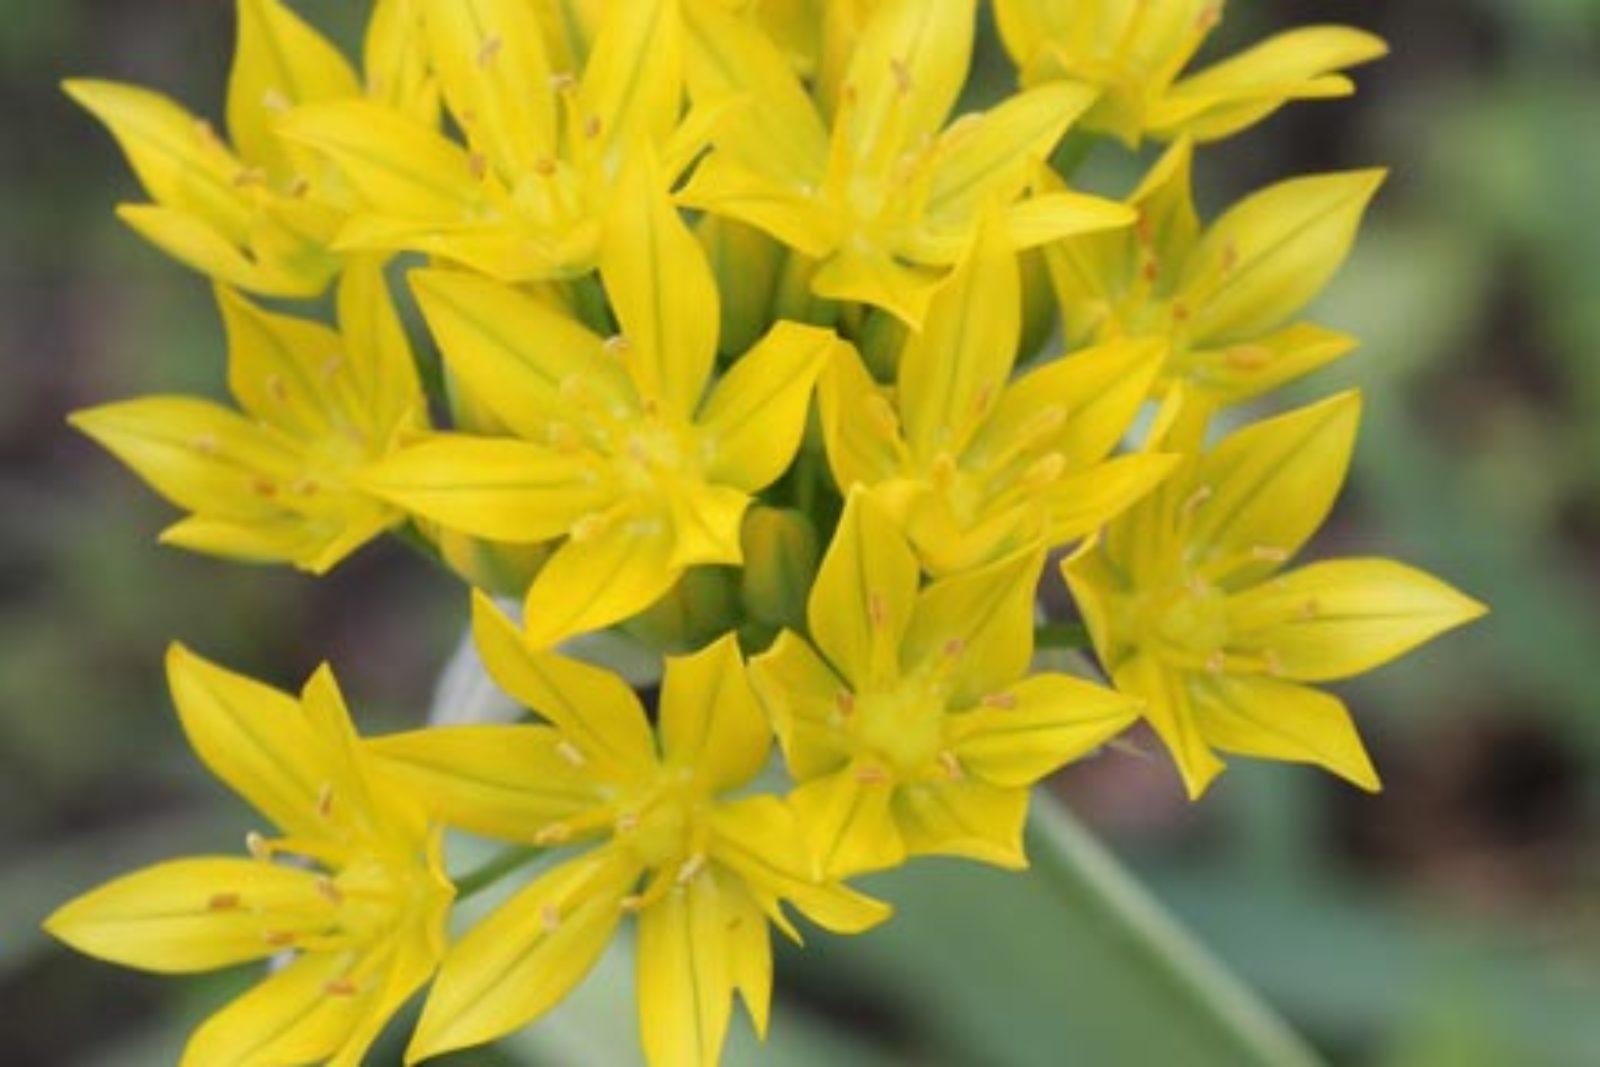 Allium moly